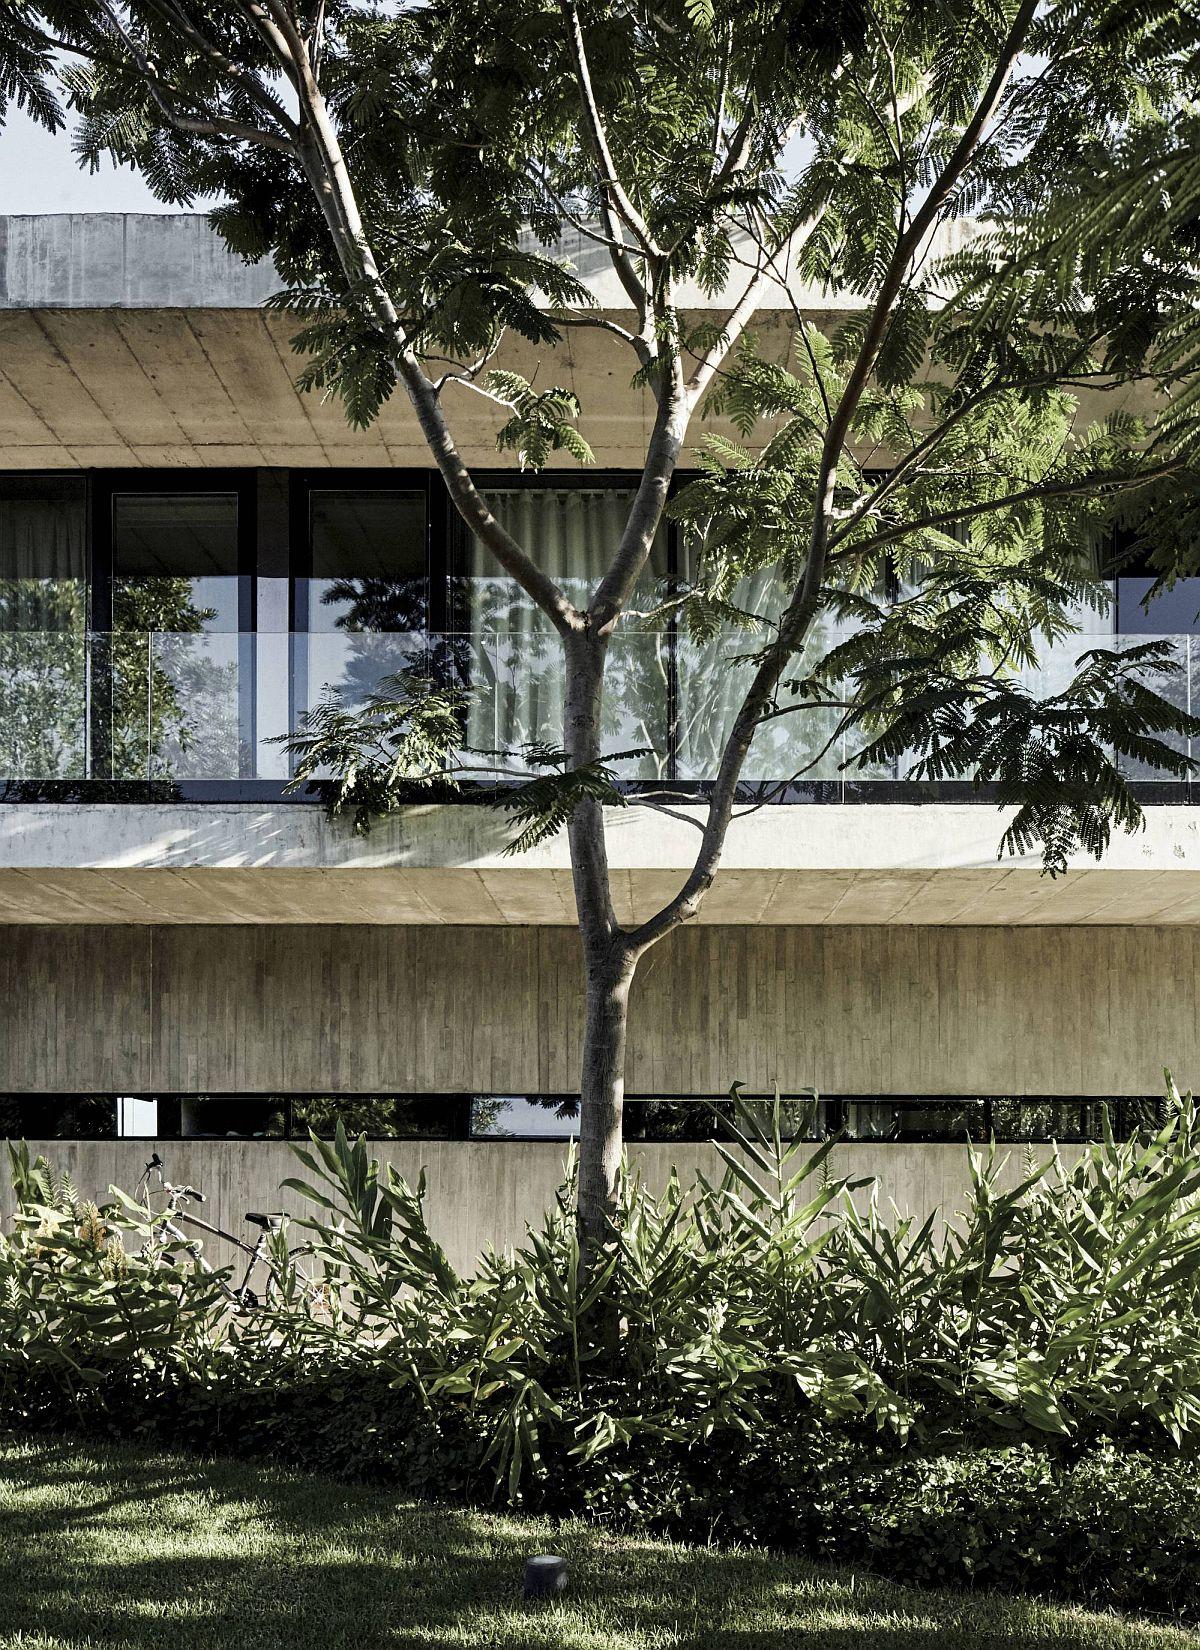 La verdure naturelle autour de la maison crée des espaces extérieurs abrités